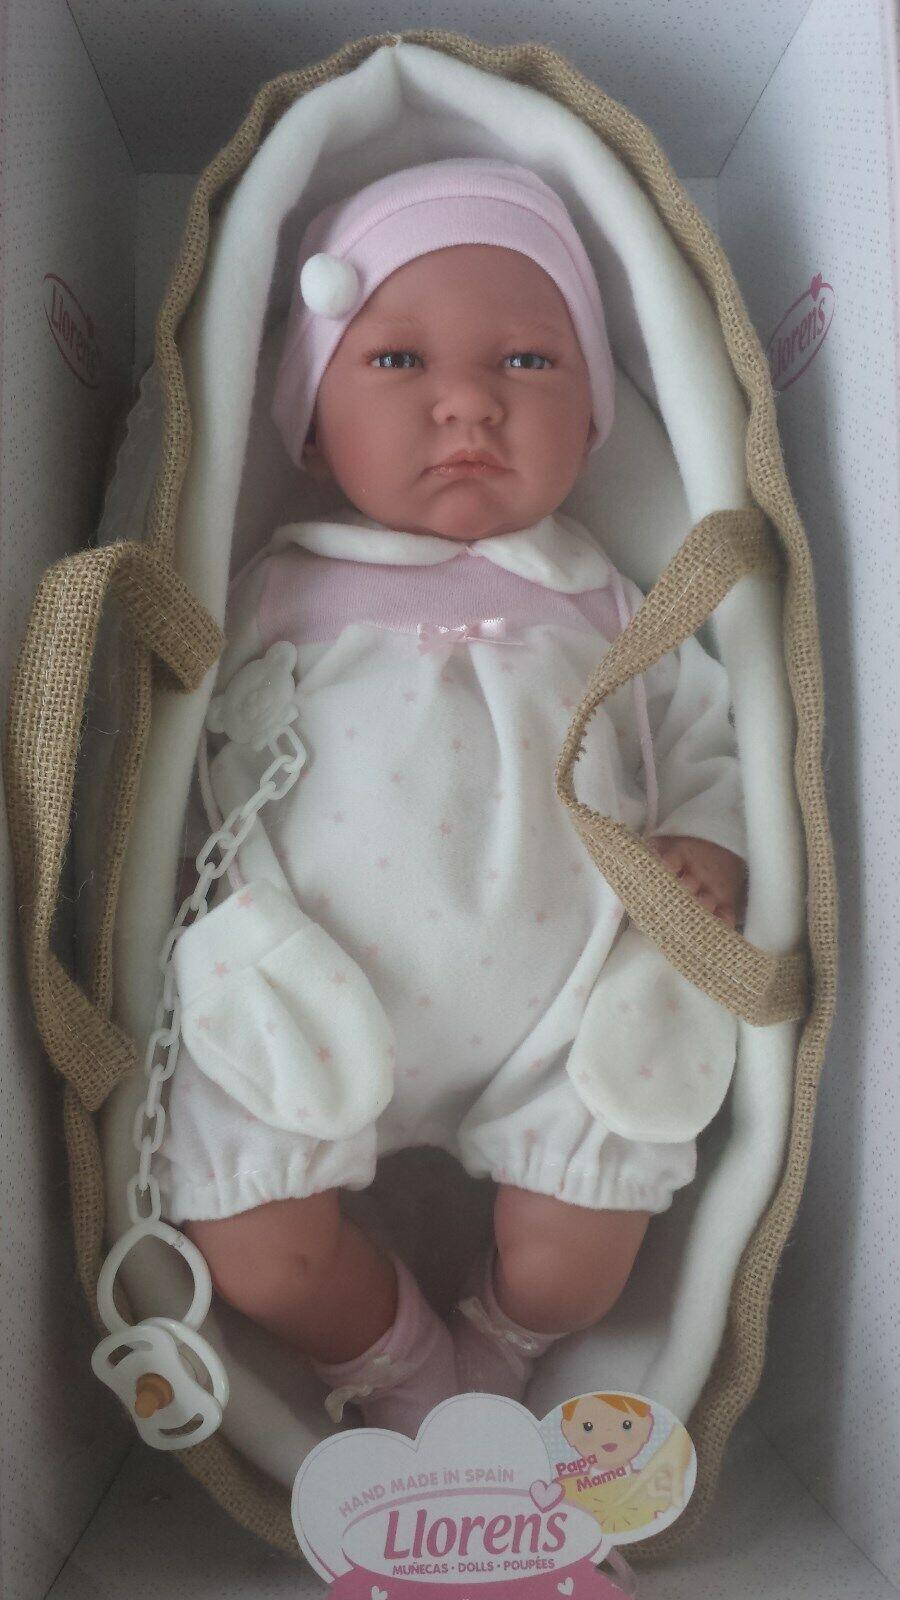 Llorens Lala hecho a mano realista recién nacido realista muñeca bebé niña llorando - 42CM